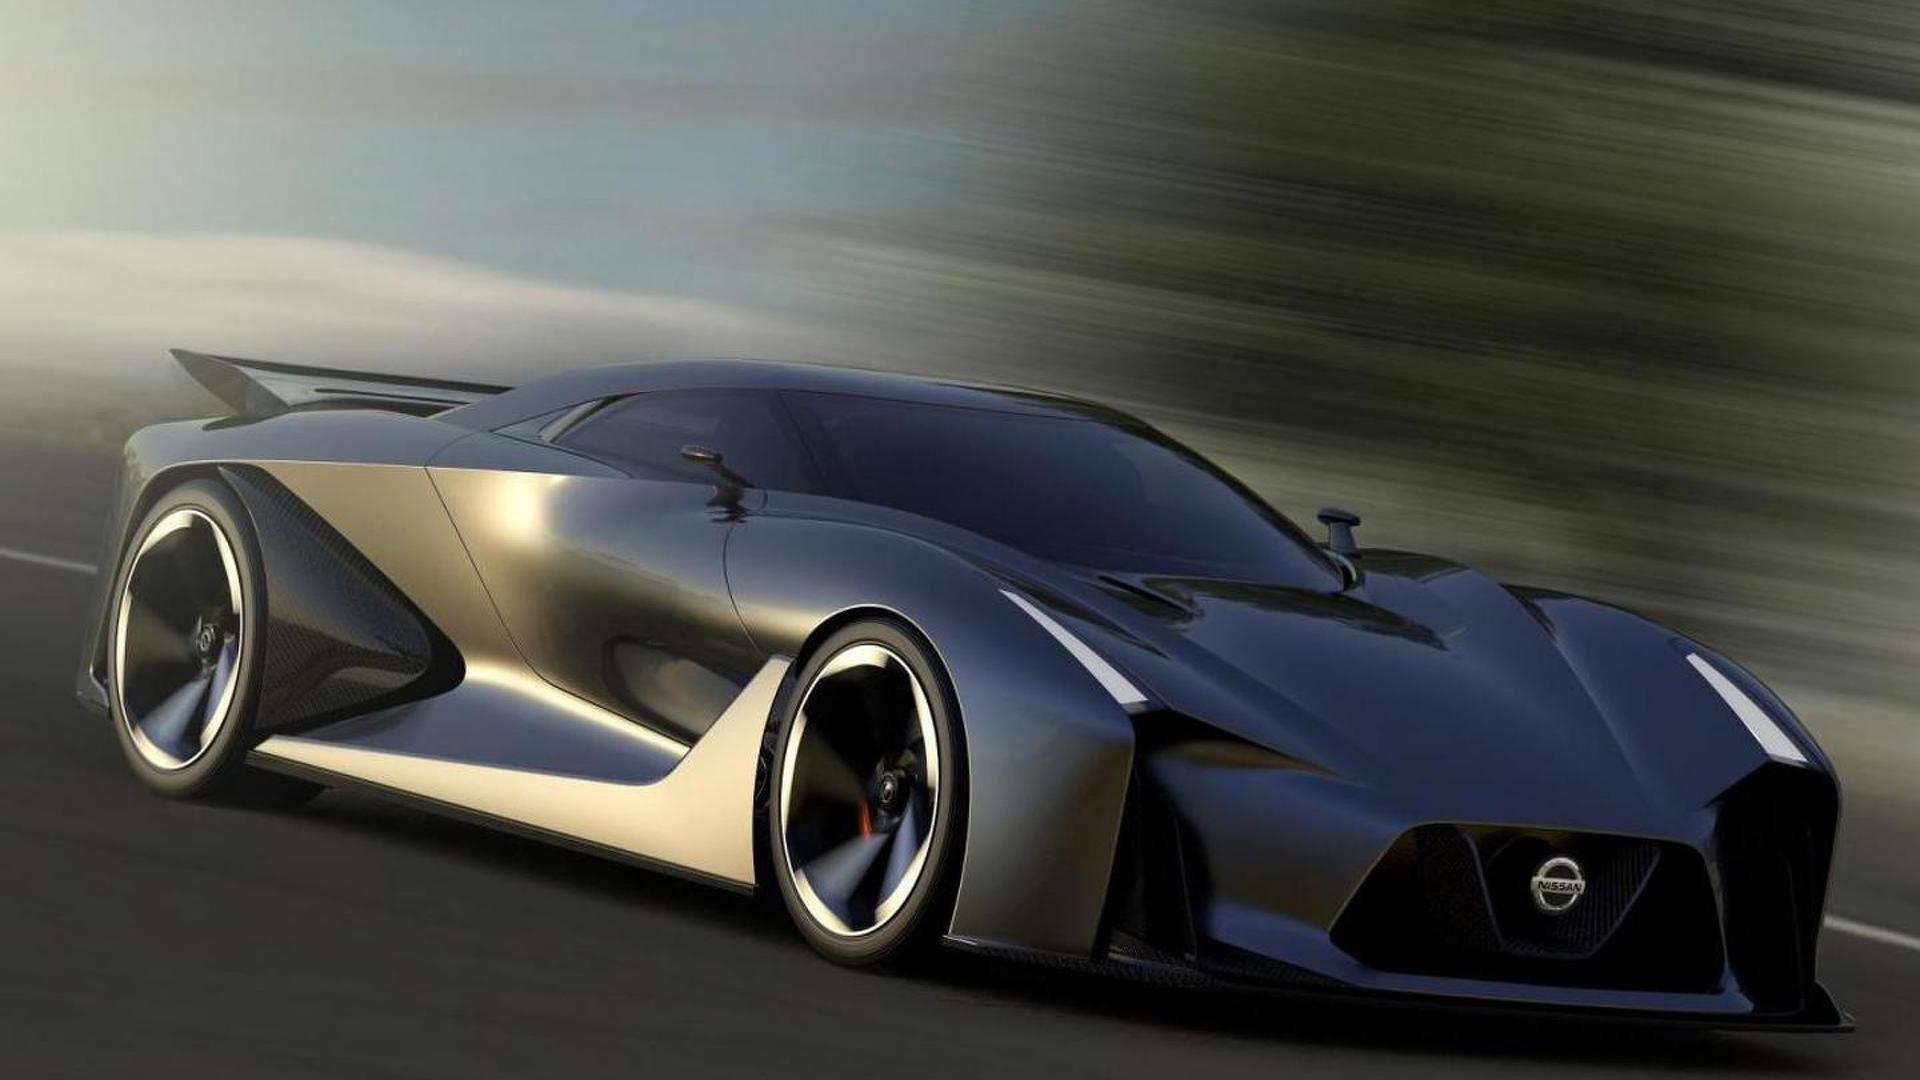 2020 Nissan Gtr Nismo Hybrid Reviews